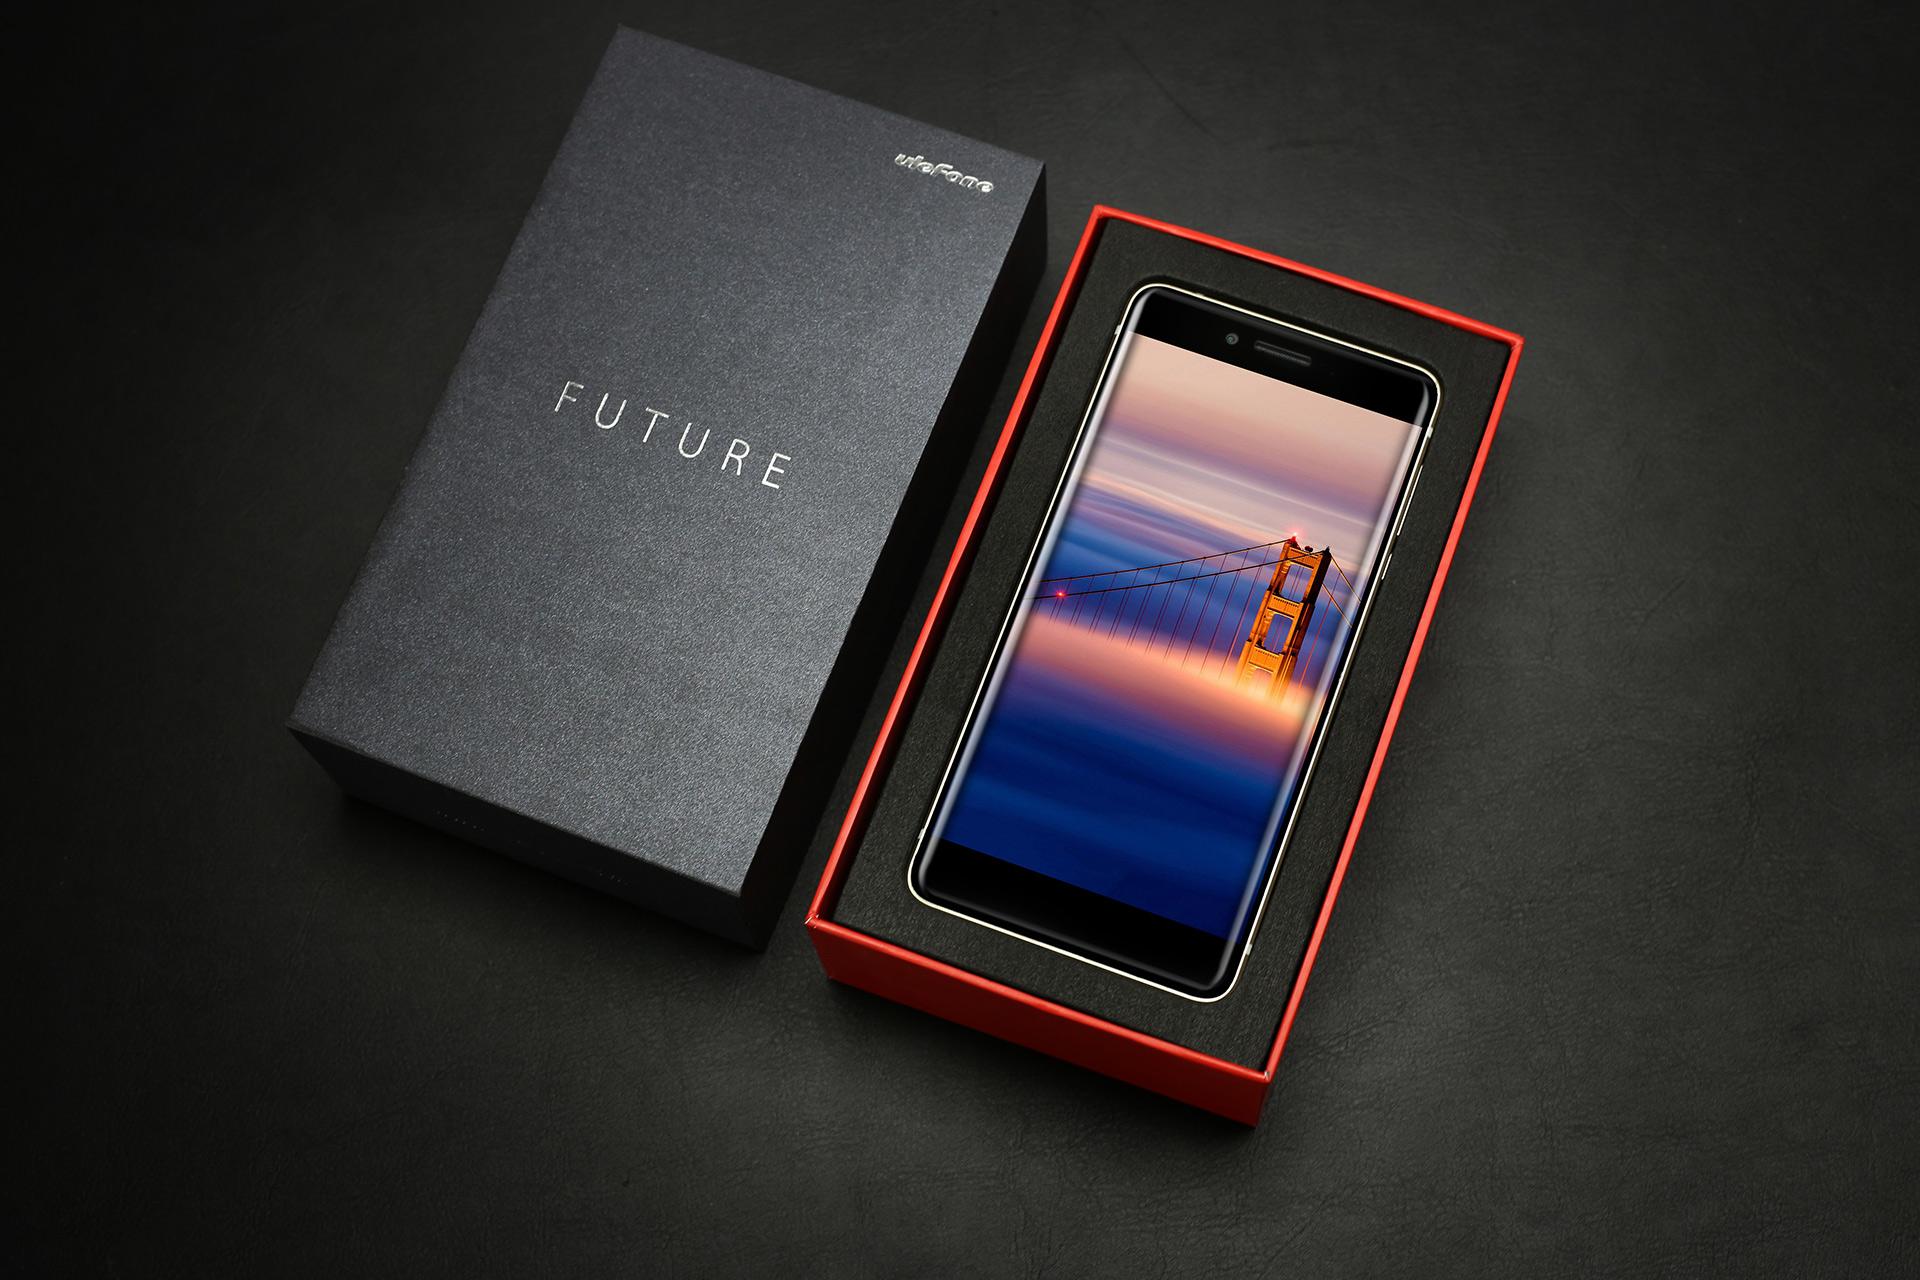 Ulefone-Future (2)